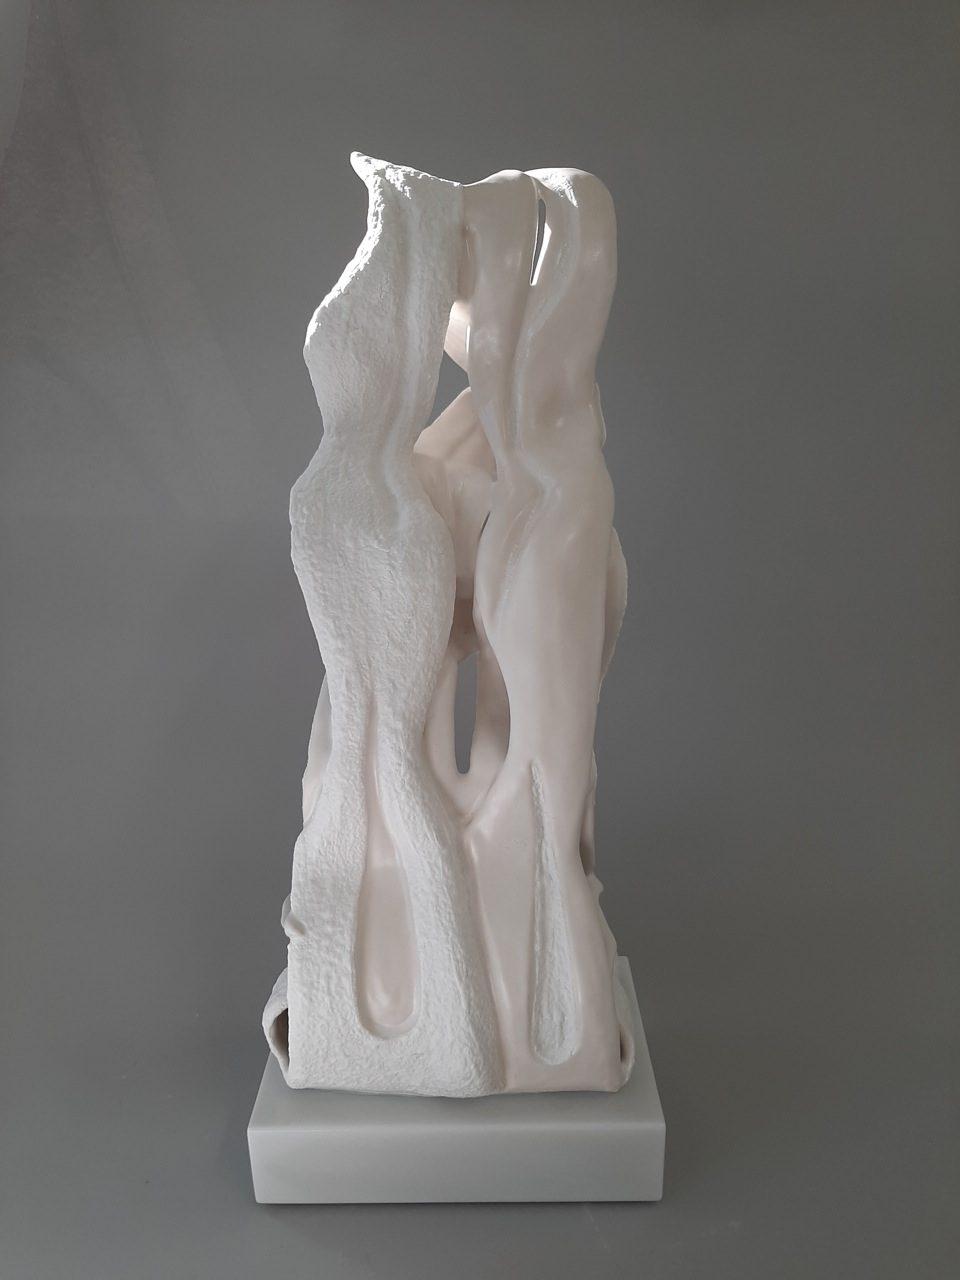 Marlene Kawalez - Imagine